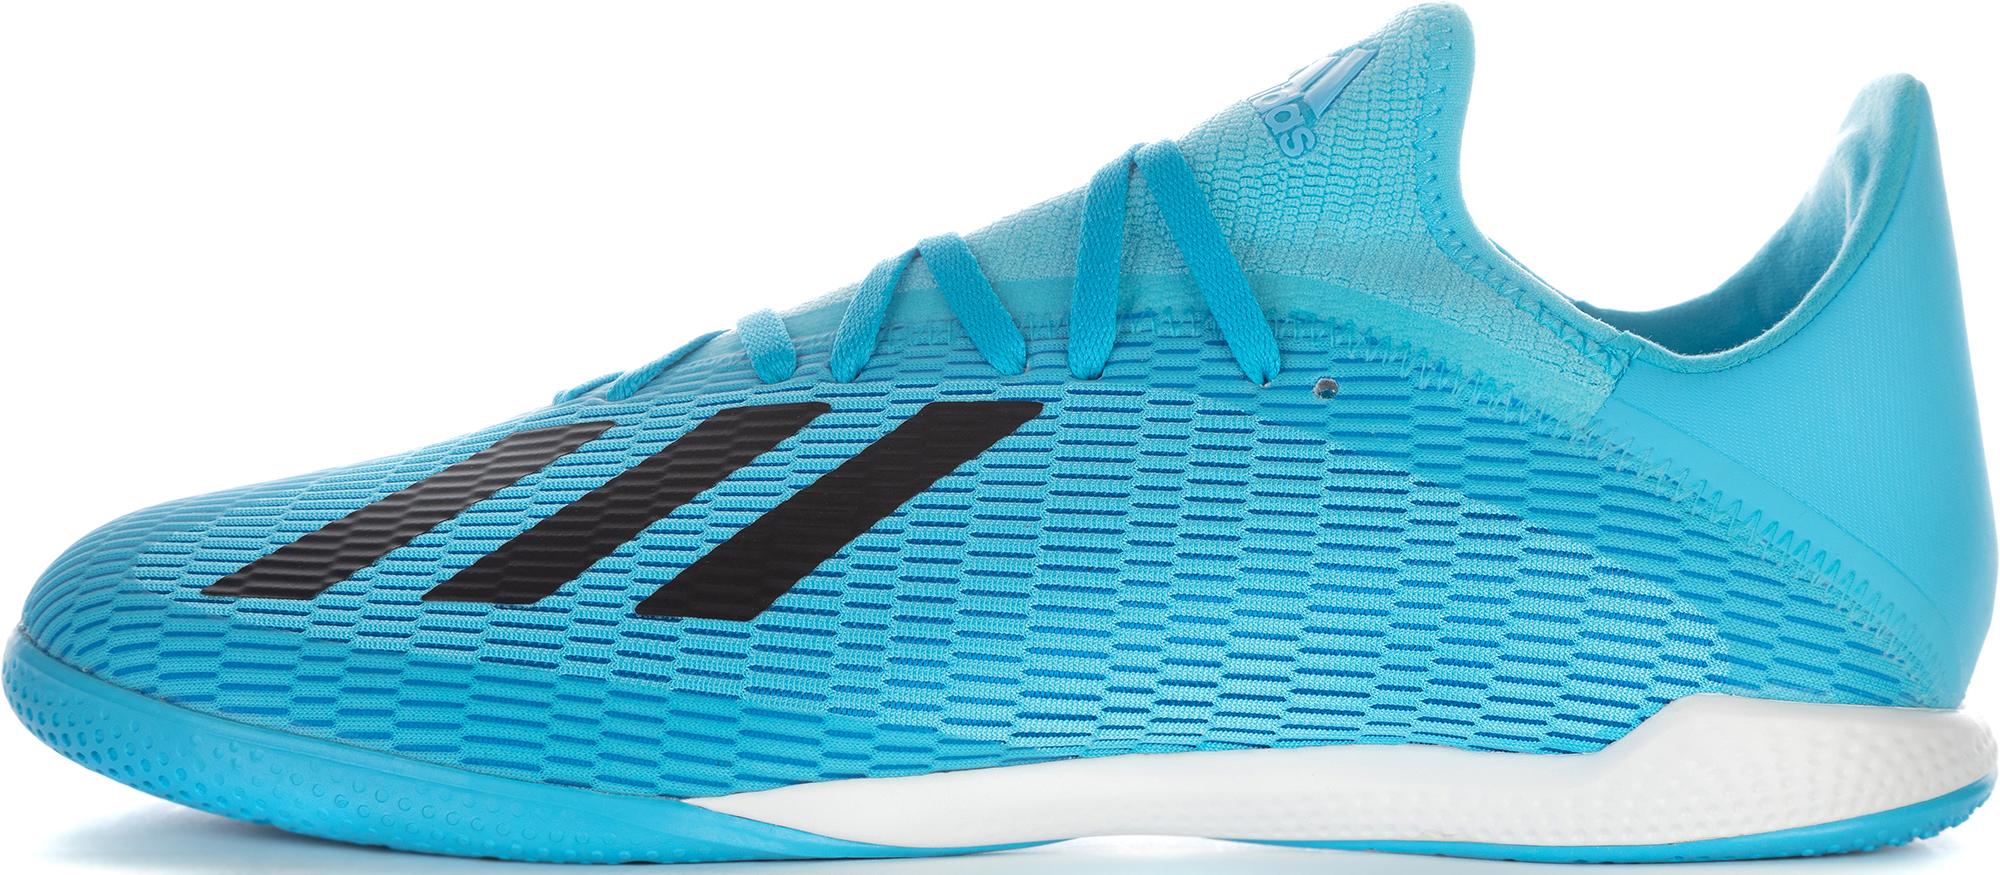 Adidas Бутсы мужские X 19.3 IN , размер 45